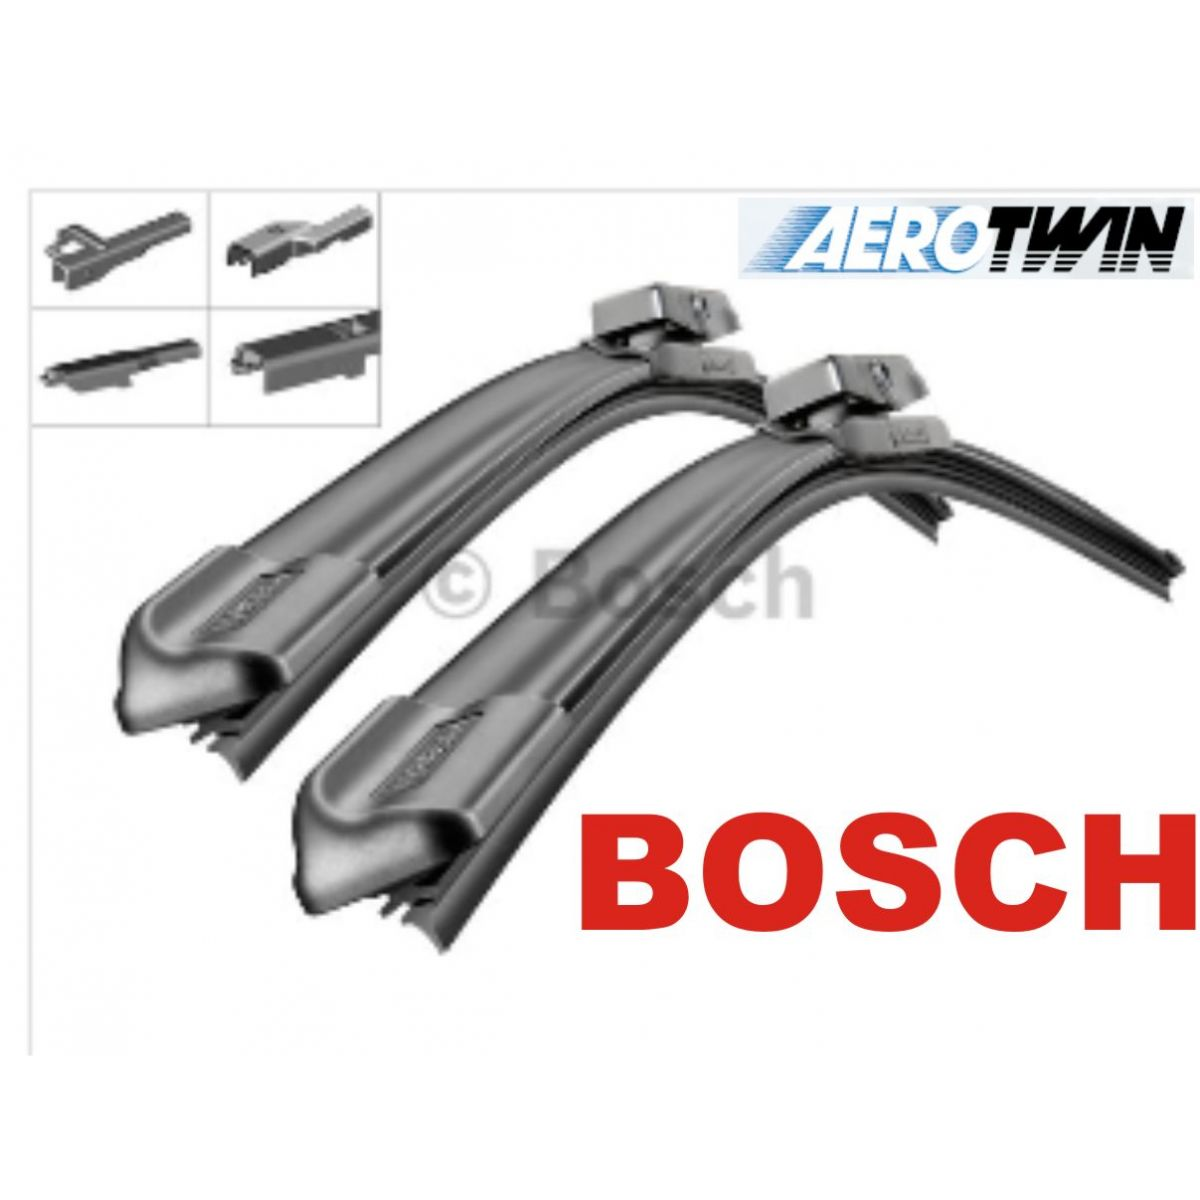 Palheta Bosch Aerotwin Plus Limpador de para brisa Bosch AUDI A1 SPORTBACK 2010 em diante